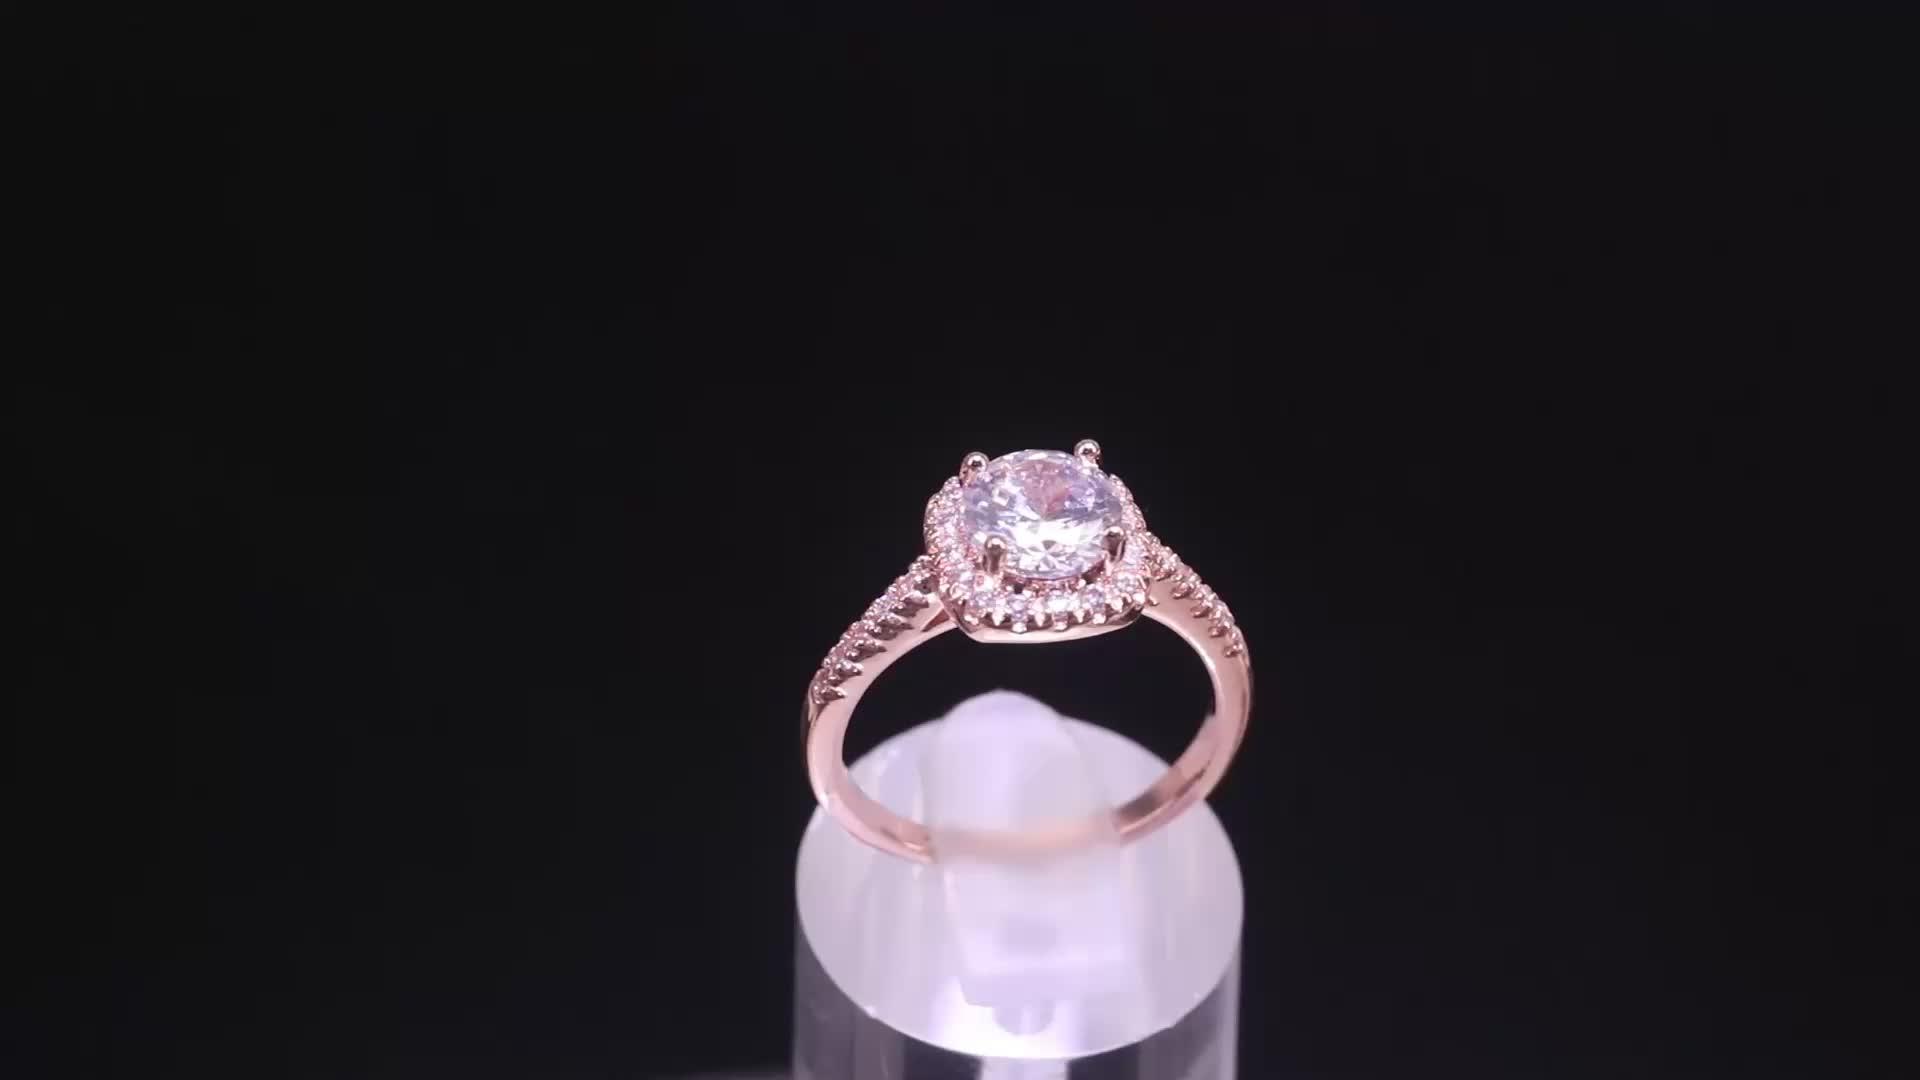 Hainon wholesale women 1 carat red diamond price rings wedding engagement gold rose gold 5-12# ring